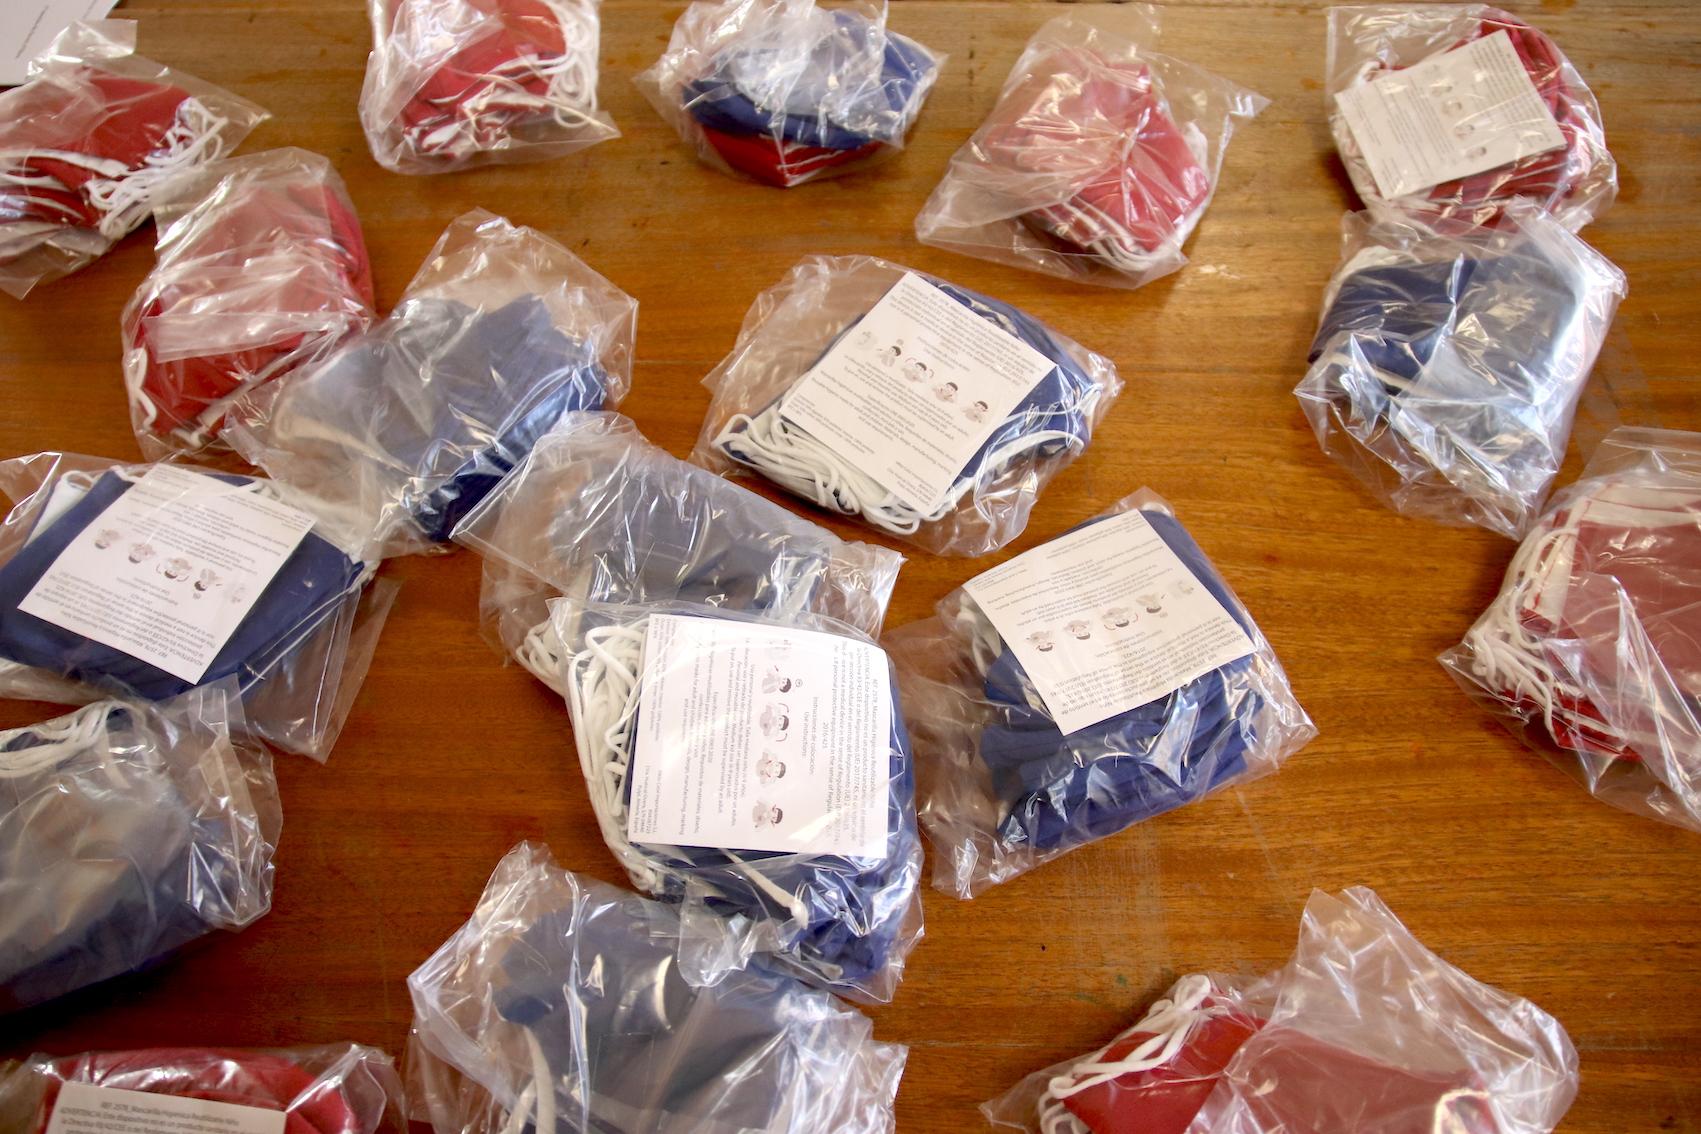 plusieurs paquets de masques de protection